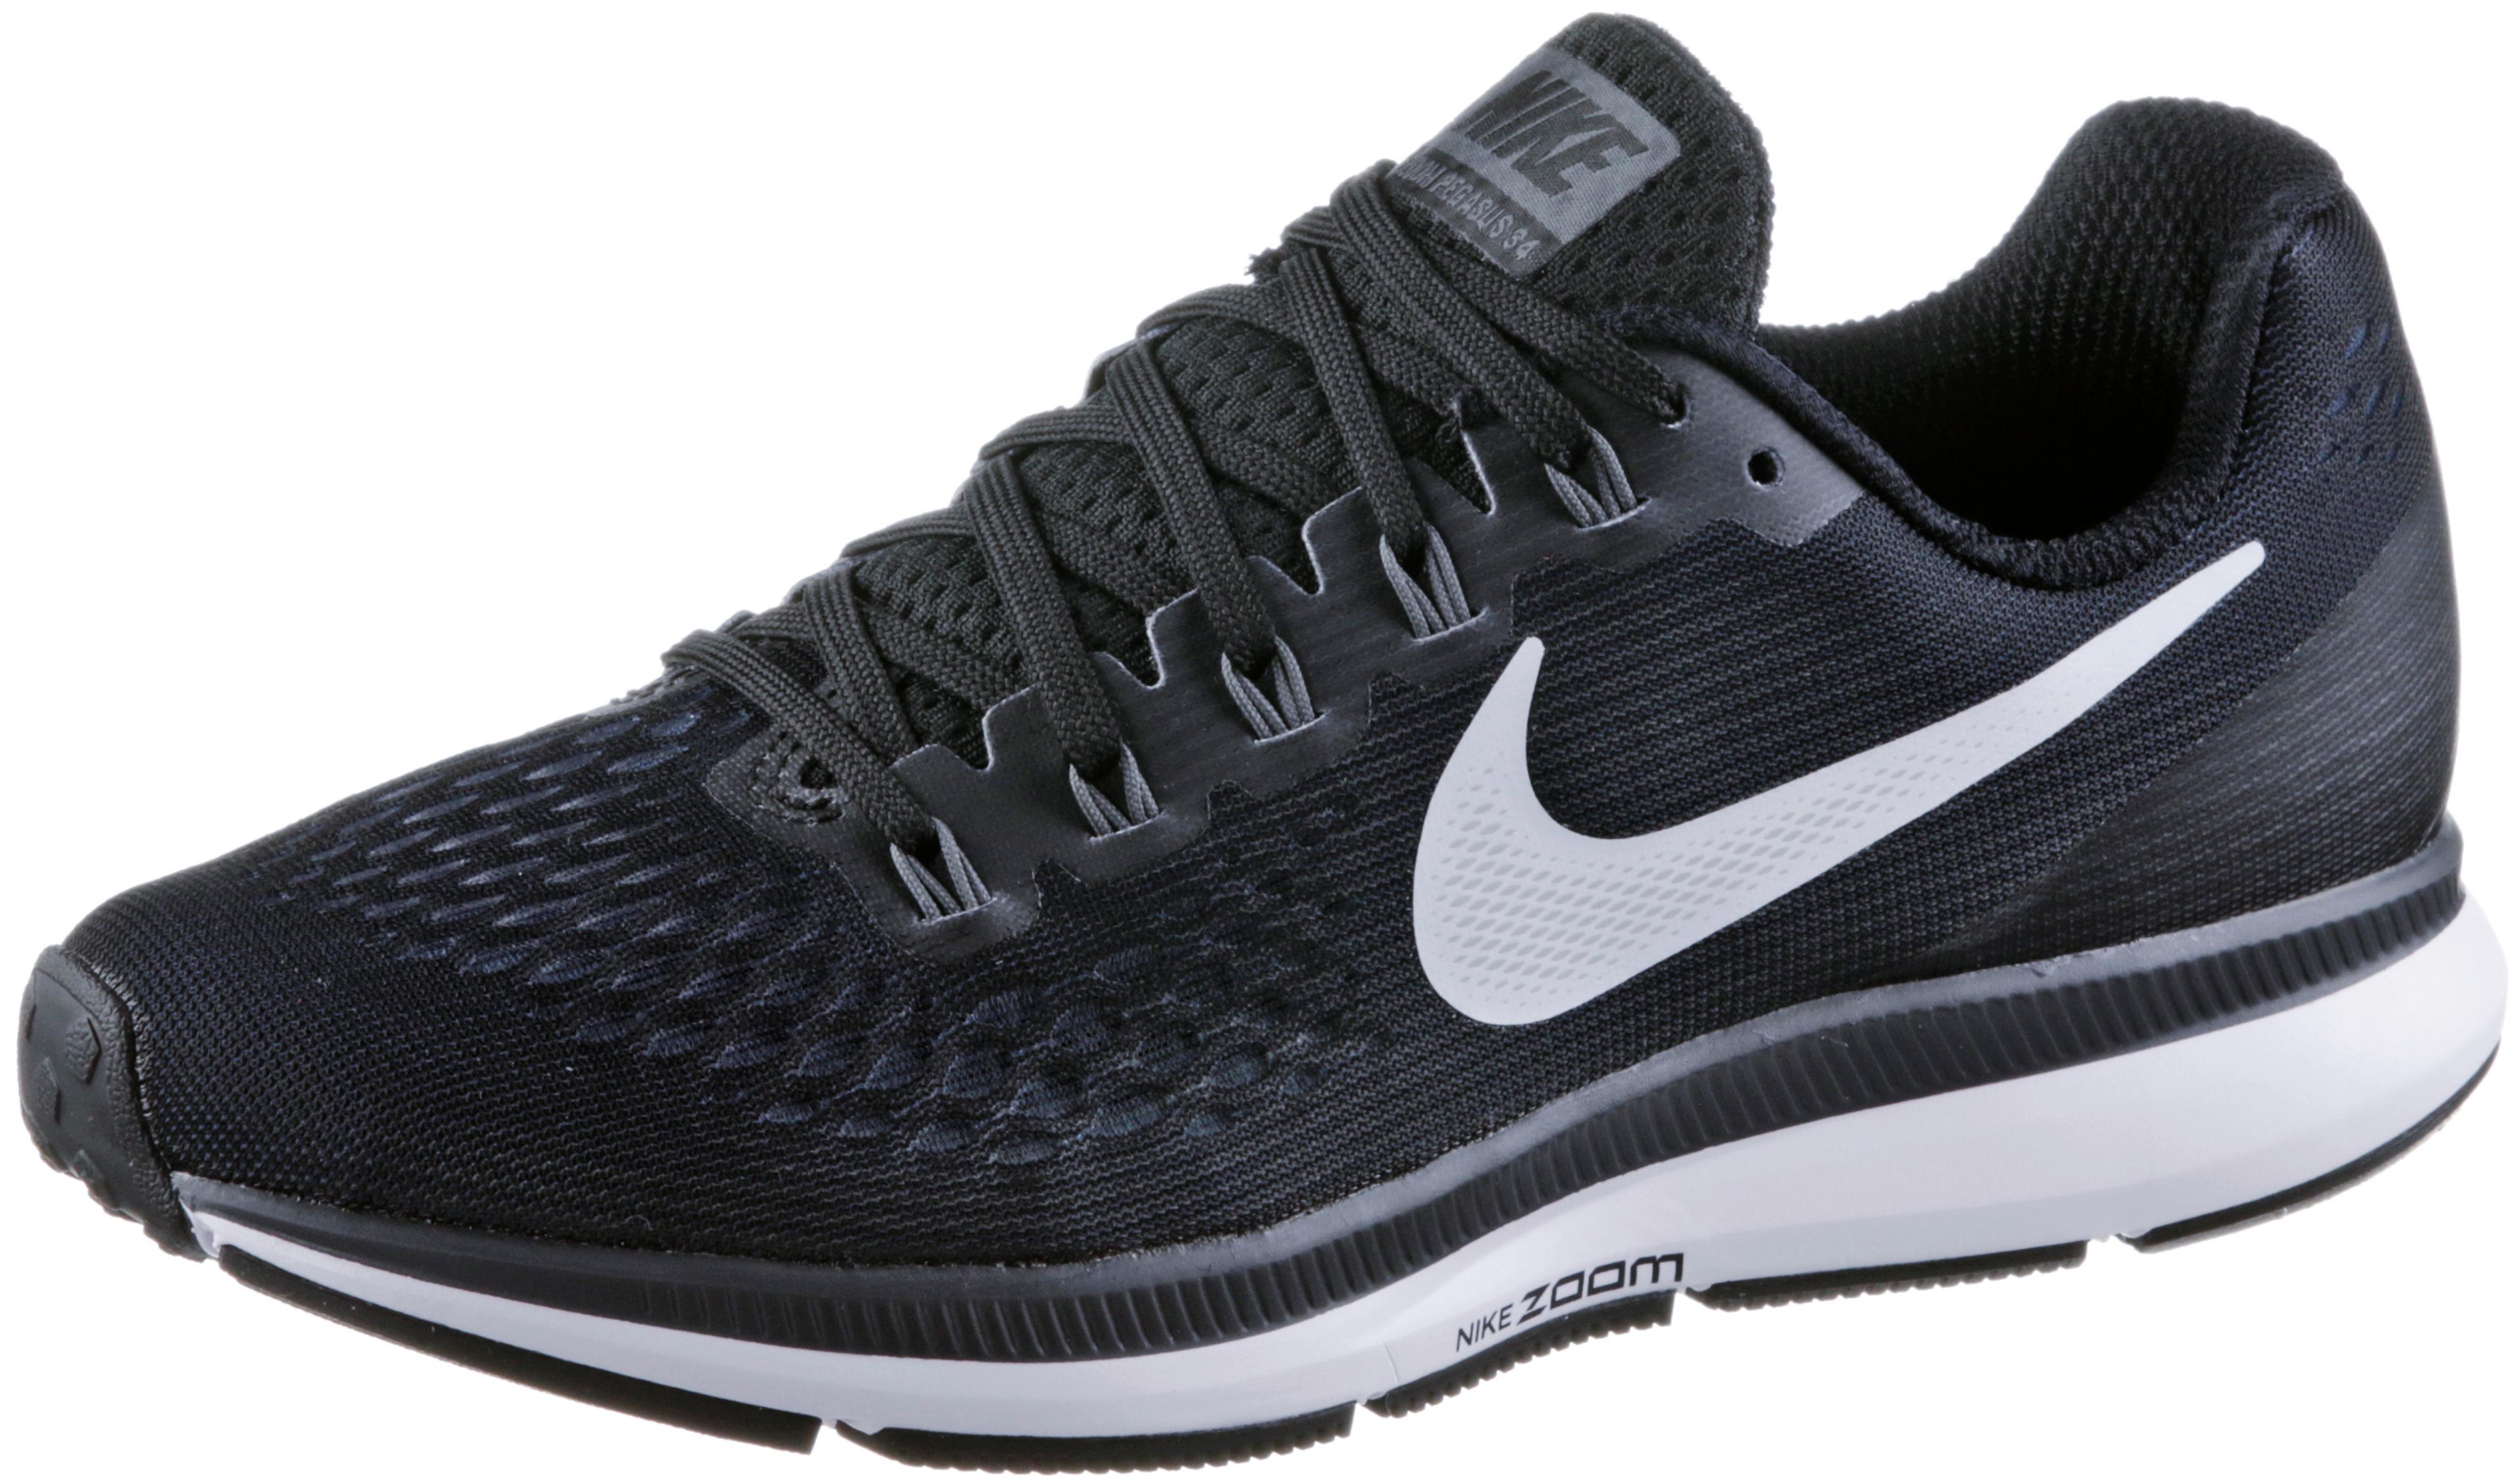 Online Kaufen Zoom Anthracite Grey Von Air Pegasus Dk Sportscheck 34 Nike Blackwhite Damen Shop Im Laufschuhe PTOZXuki